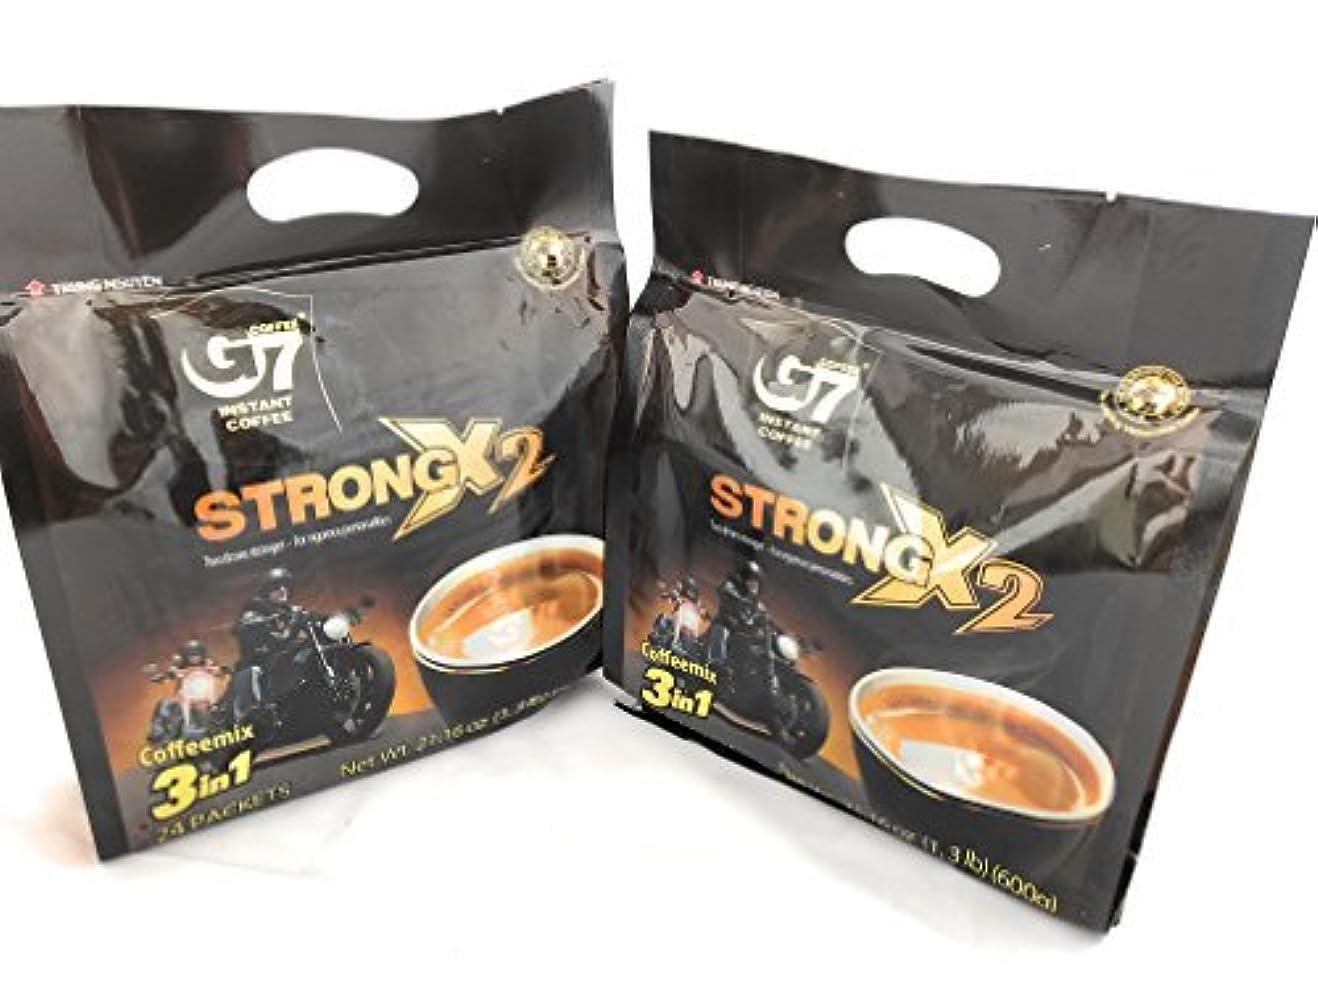 謝罪するパブ何もないG7 STRONG 2X Vietnamese 3 in 1 Coffee 21.16oz(600g) 24 Sticks (Pack of 2) [並行輸入品]